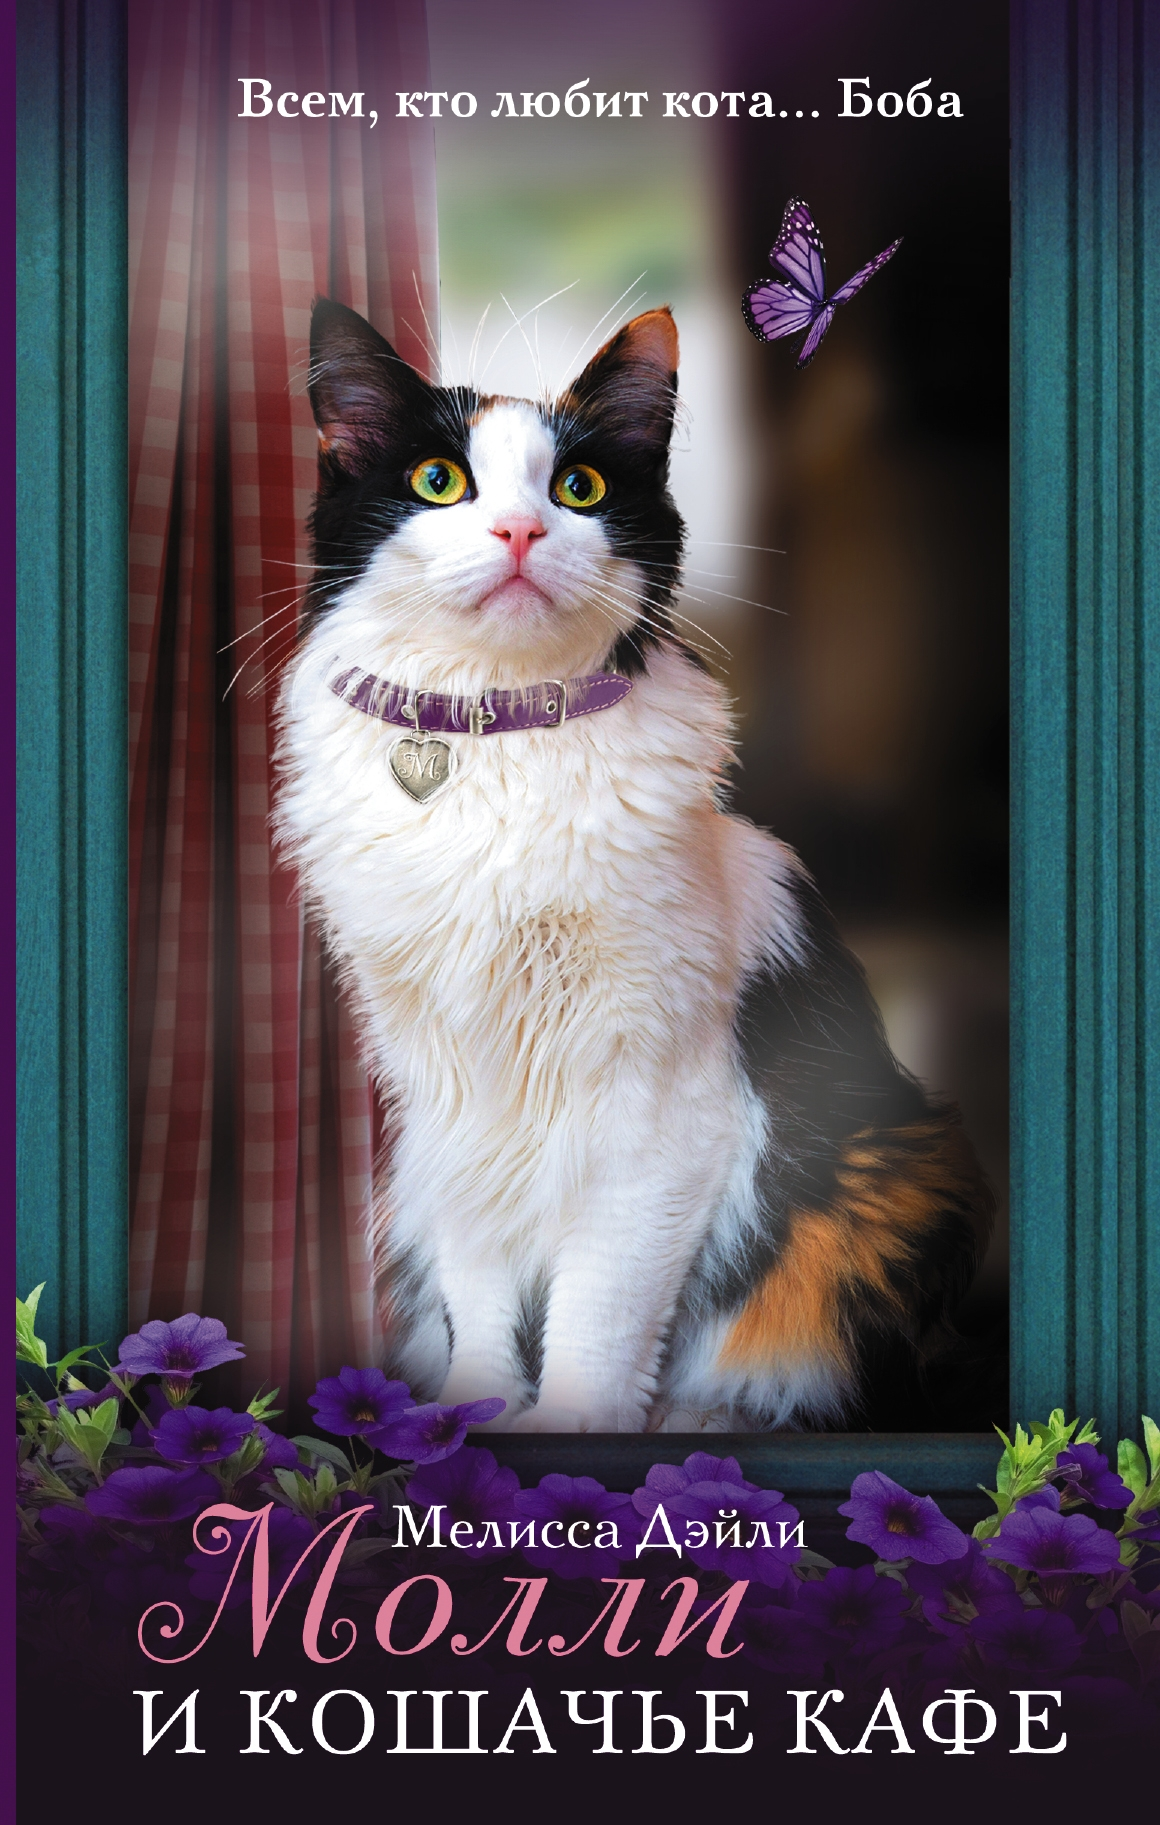 Молли и кошачье кафе. Мелиса Дэйли